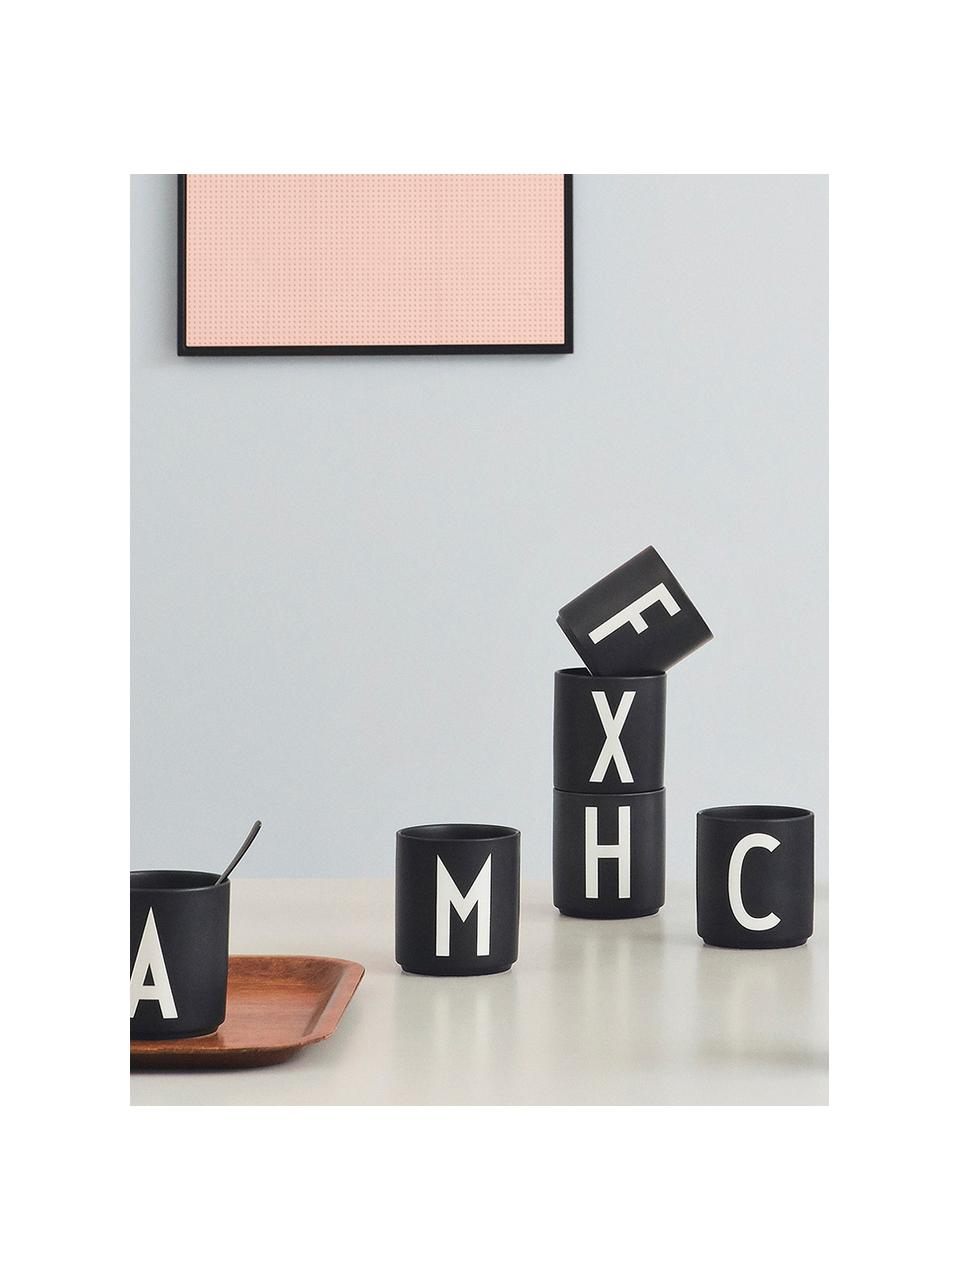 Design beker Personal met letters (varianten van A tot Z), Beenderporselein Fine Bone China is een zacht porselein, dat zich vooral onderscheidt door zijn briljante, doorschijnende glans., Mat zwart, wit, Beker T